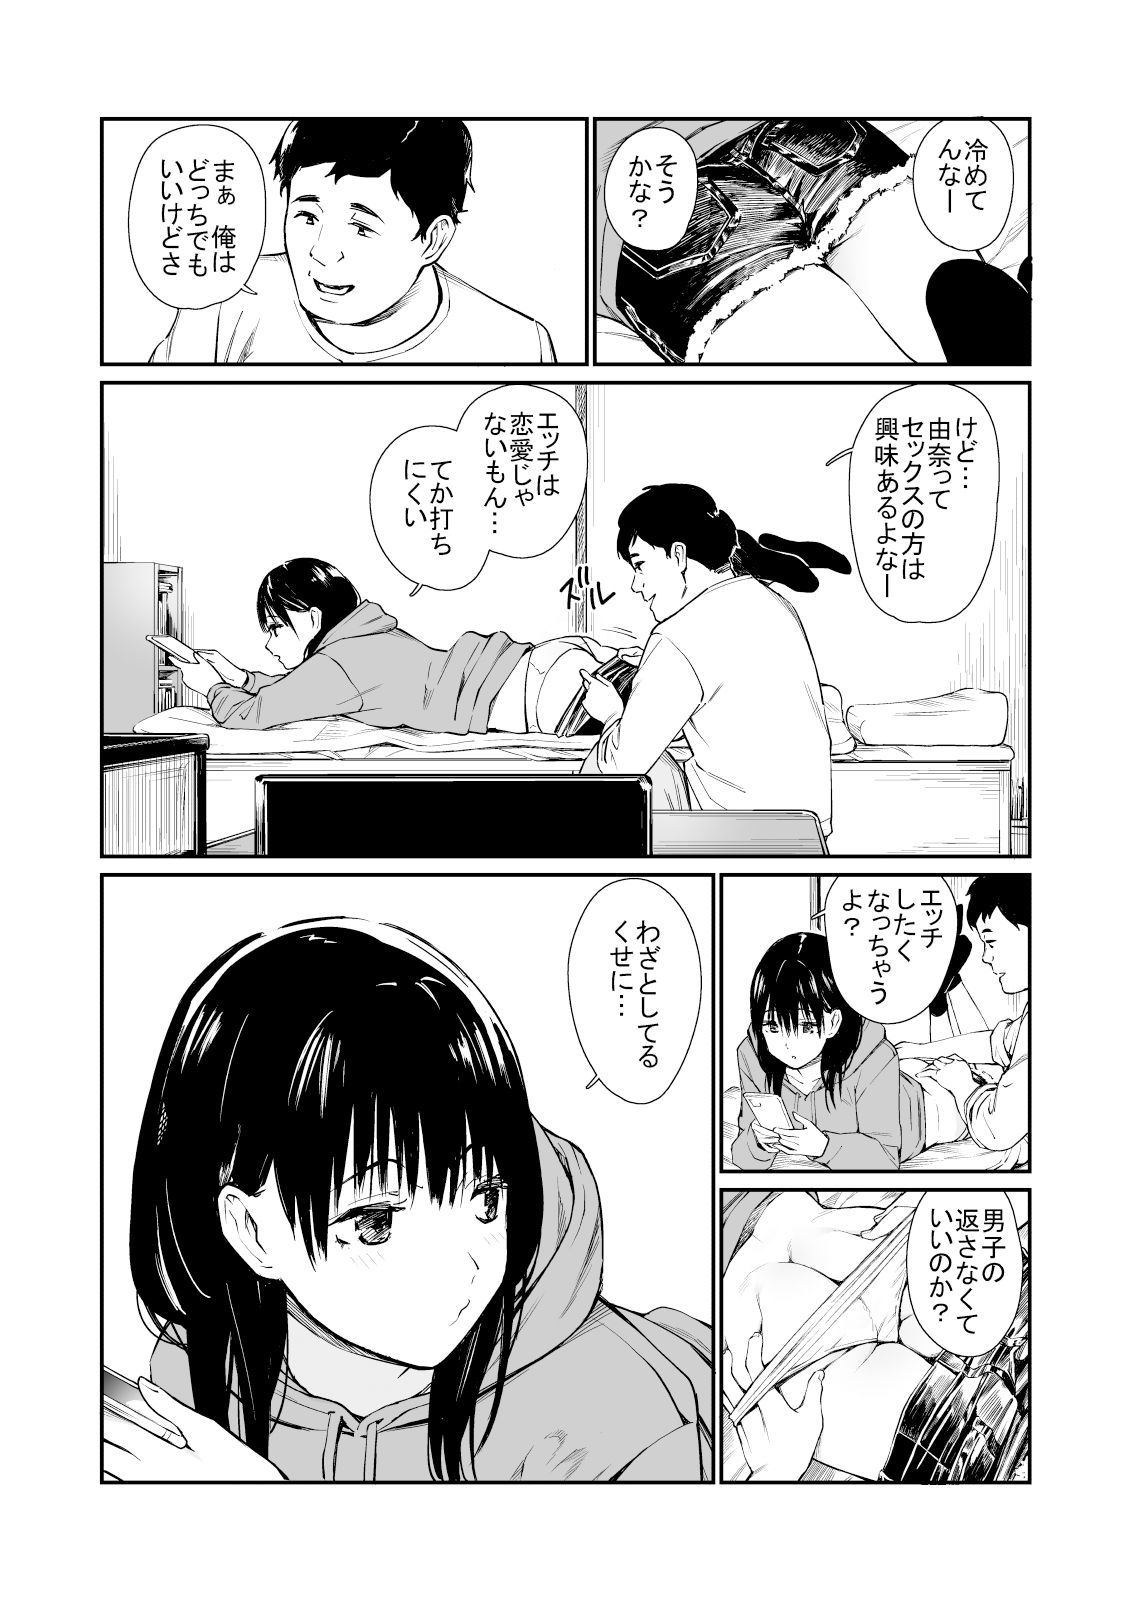 【エロ漫画無料大全集】【近親相姦】暇な休日にする事も無いからって叔父と姪がセックスしまくるって…